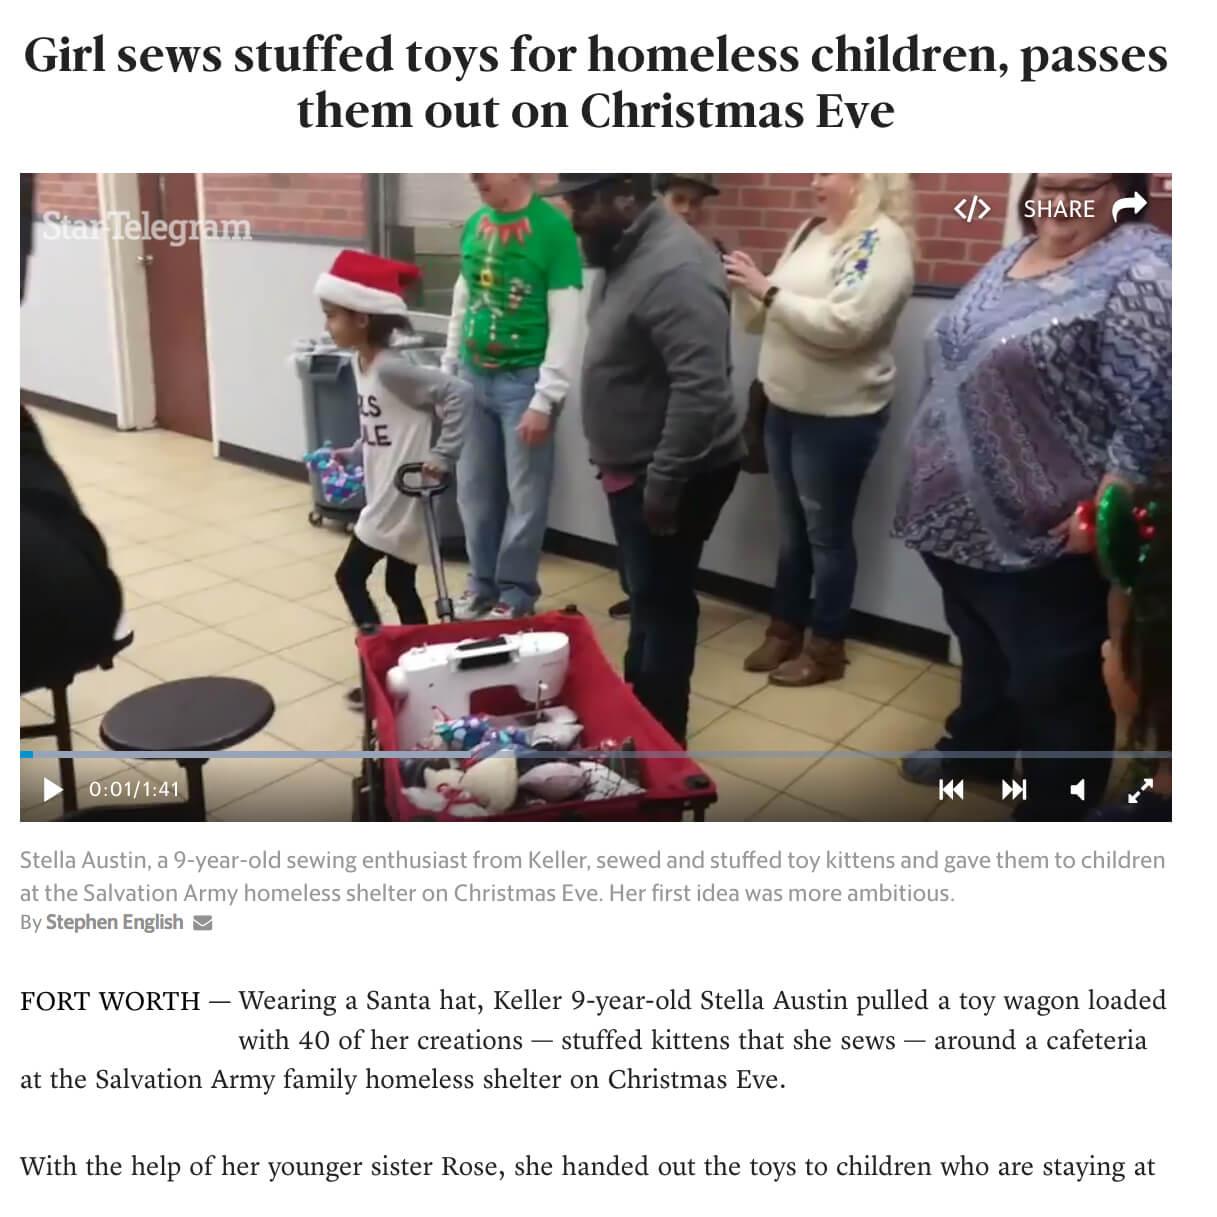 Girl Sews Stuffed Toys for Homeless Children